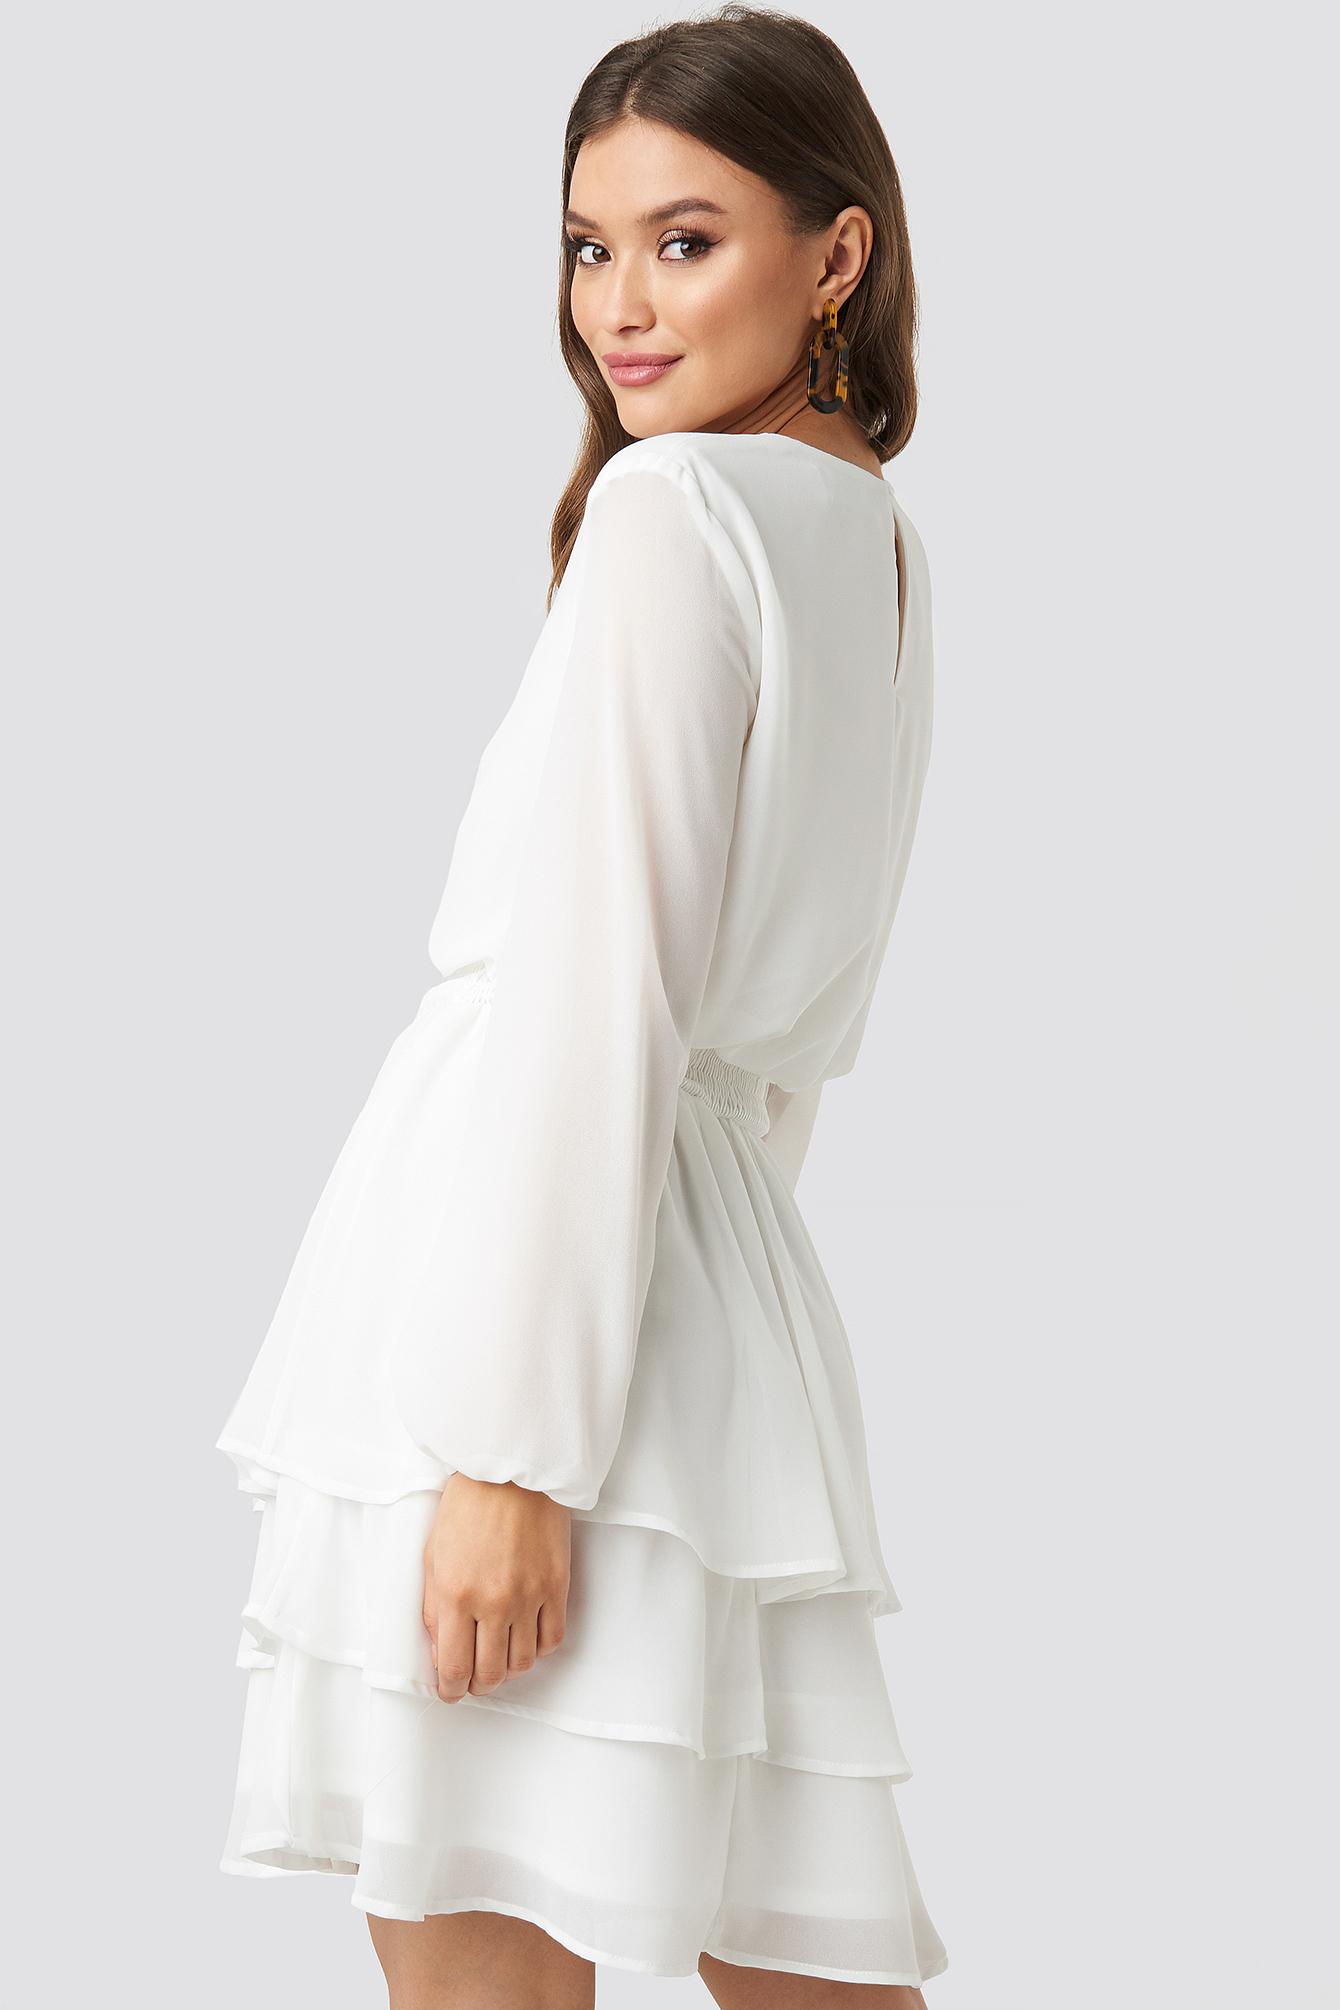 Nicoline Ls A Dress NA-KD.COM